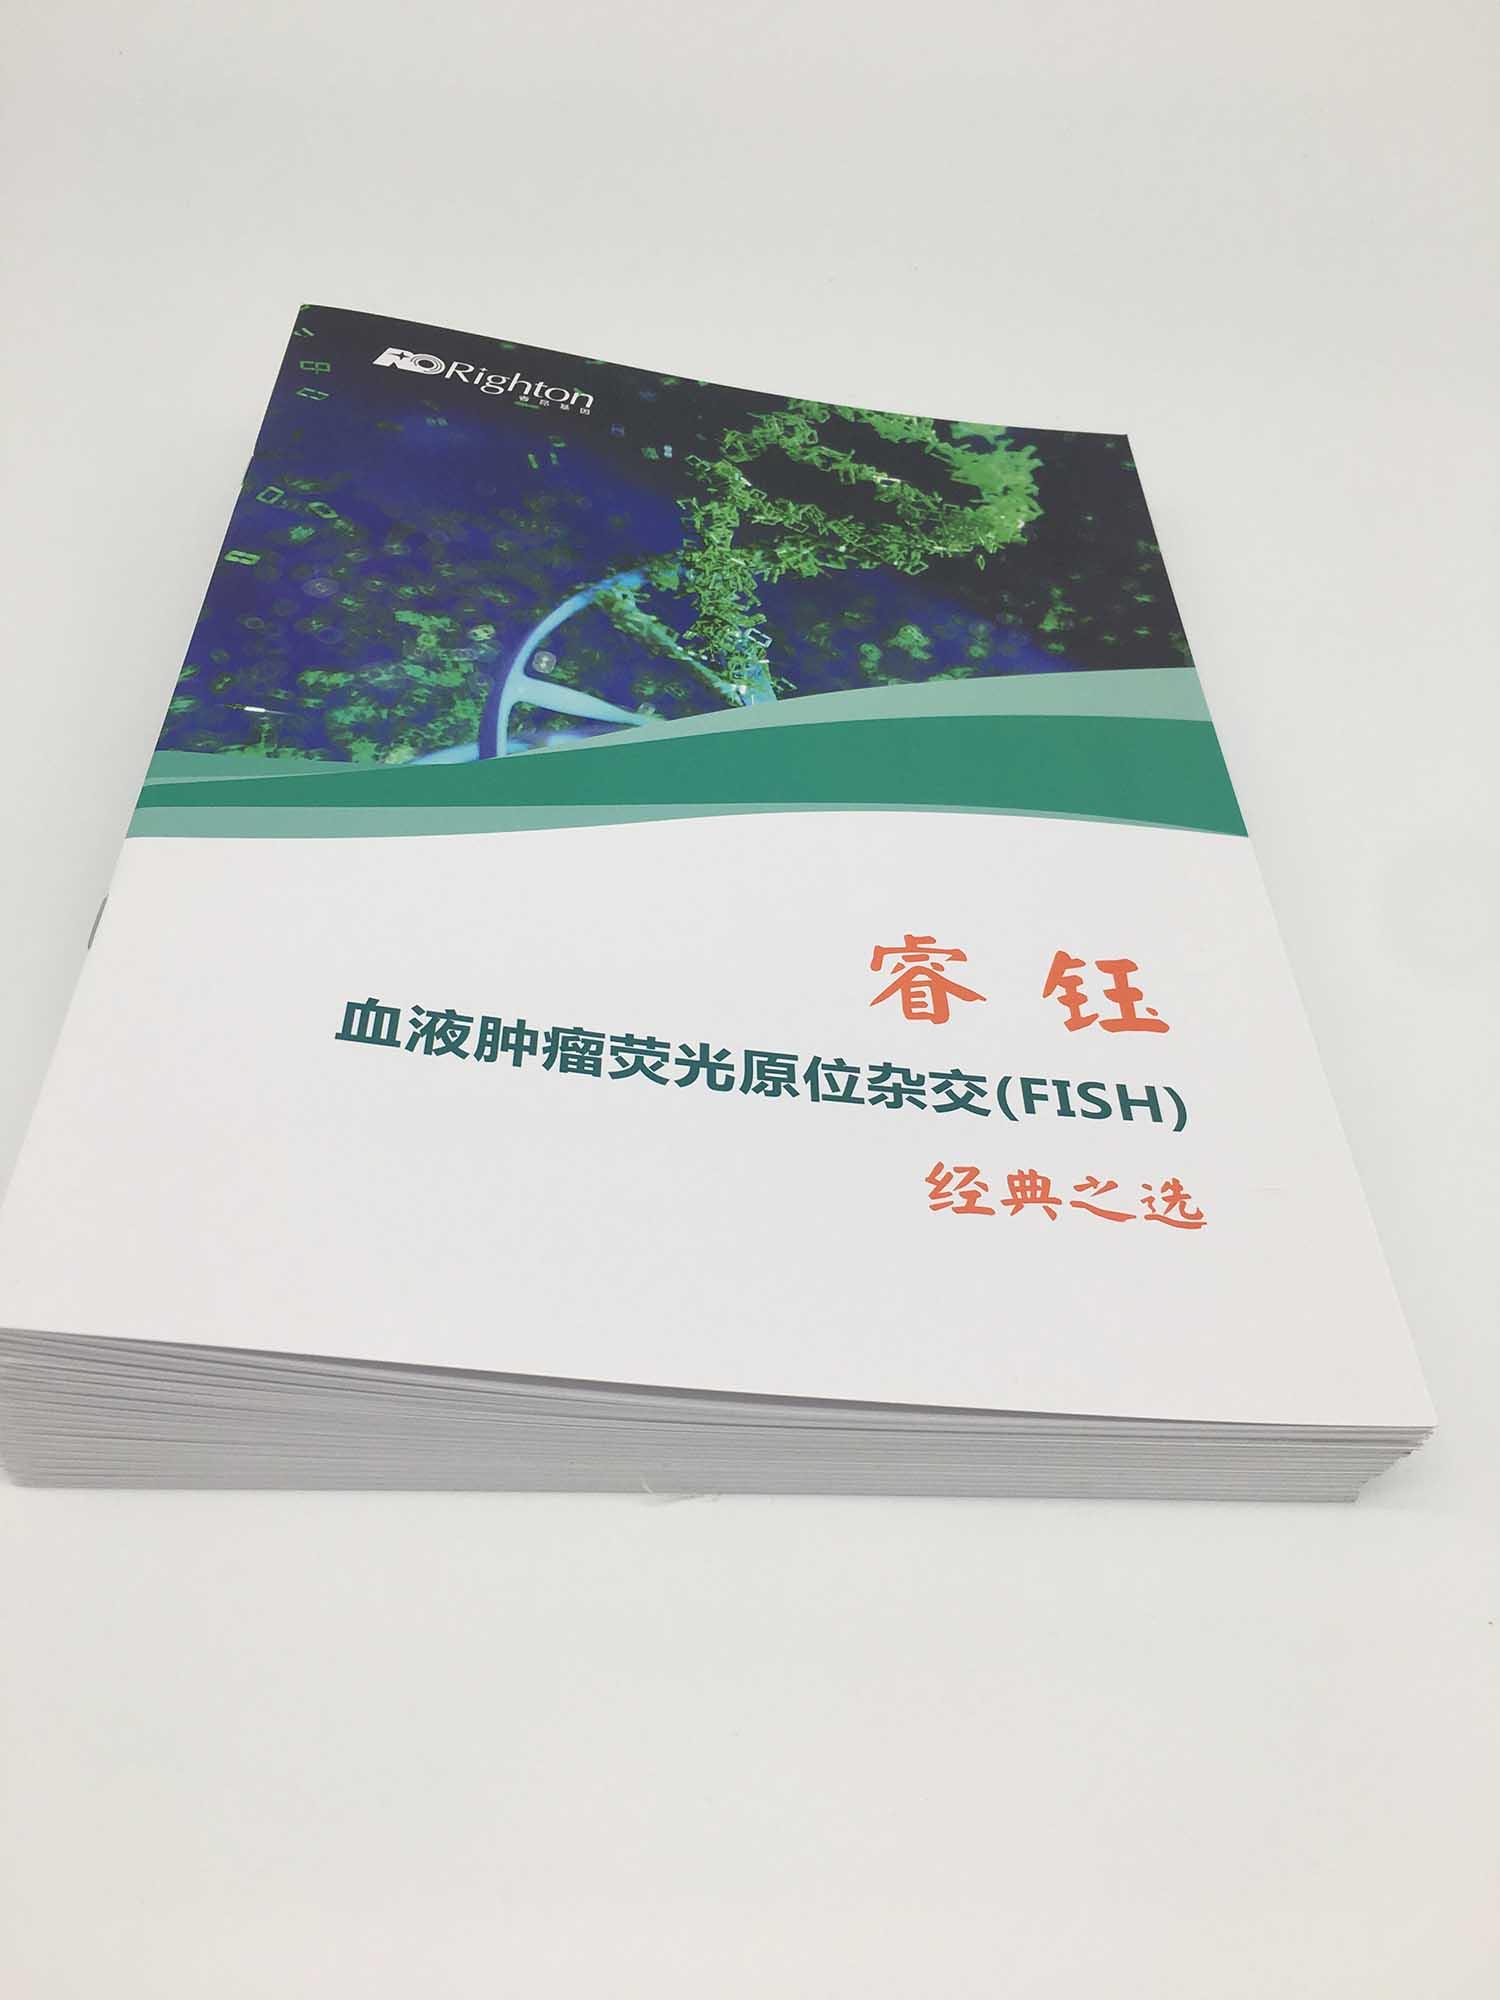 海丰企业宣传册印刷设计